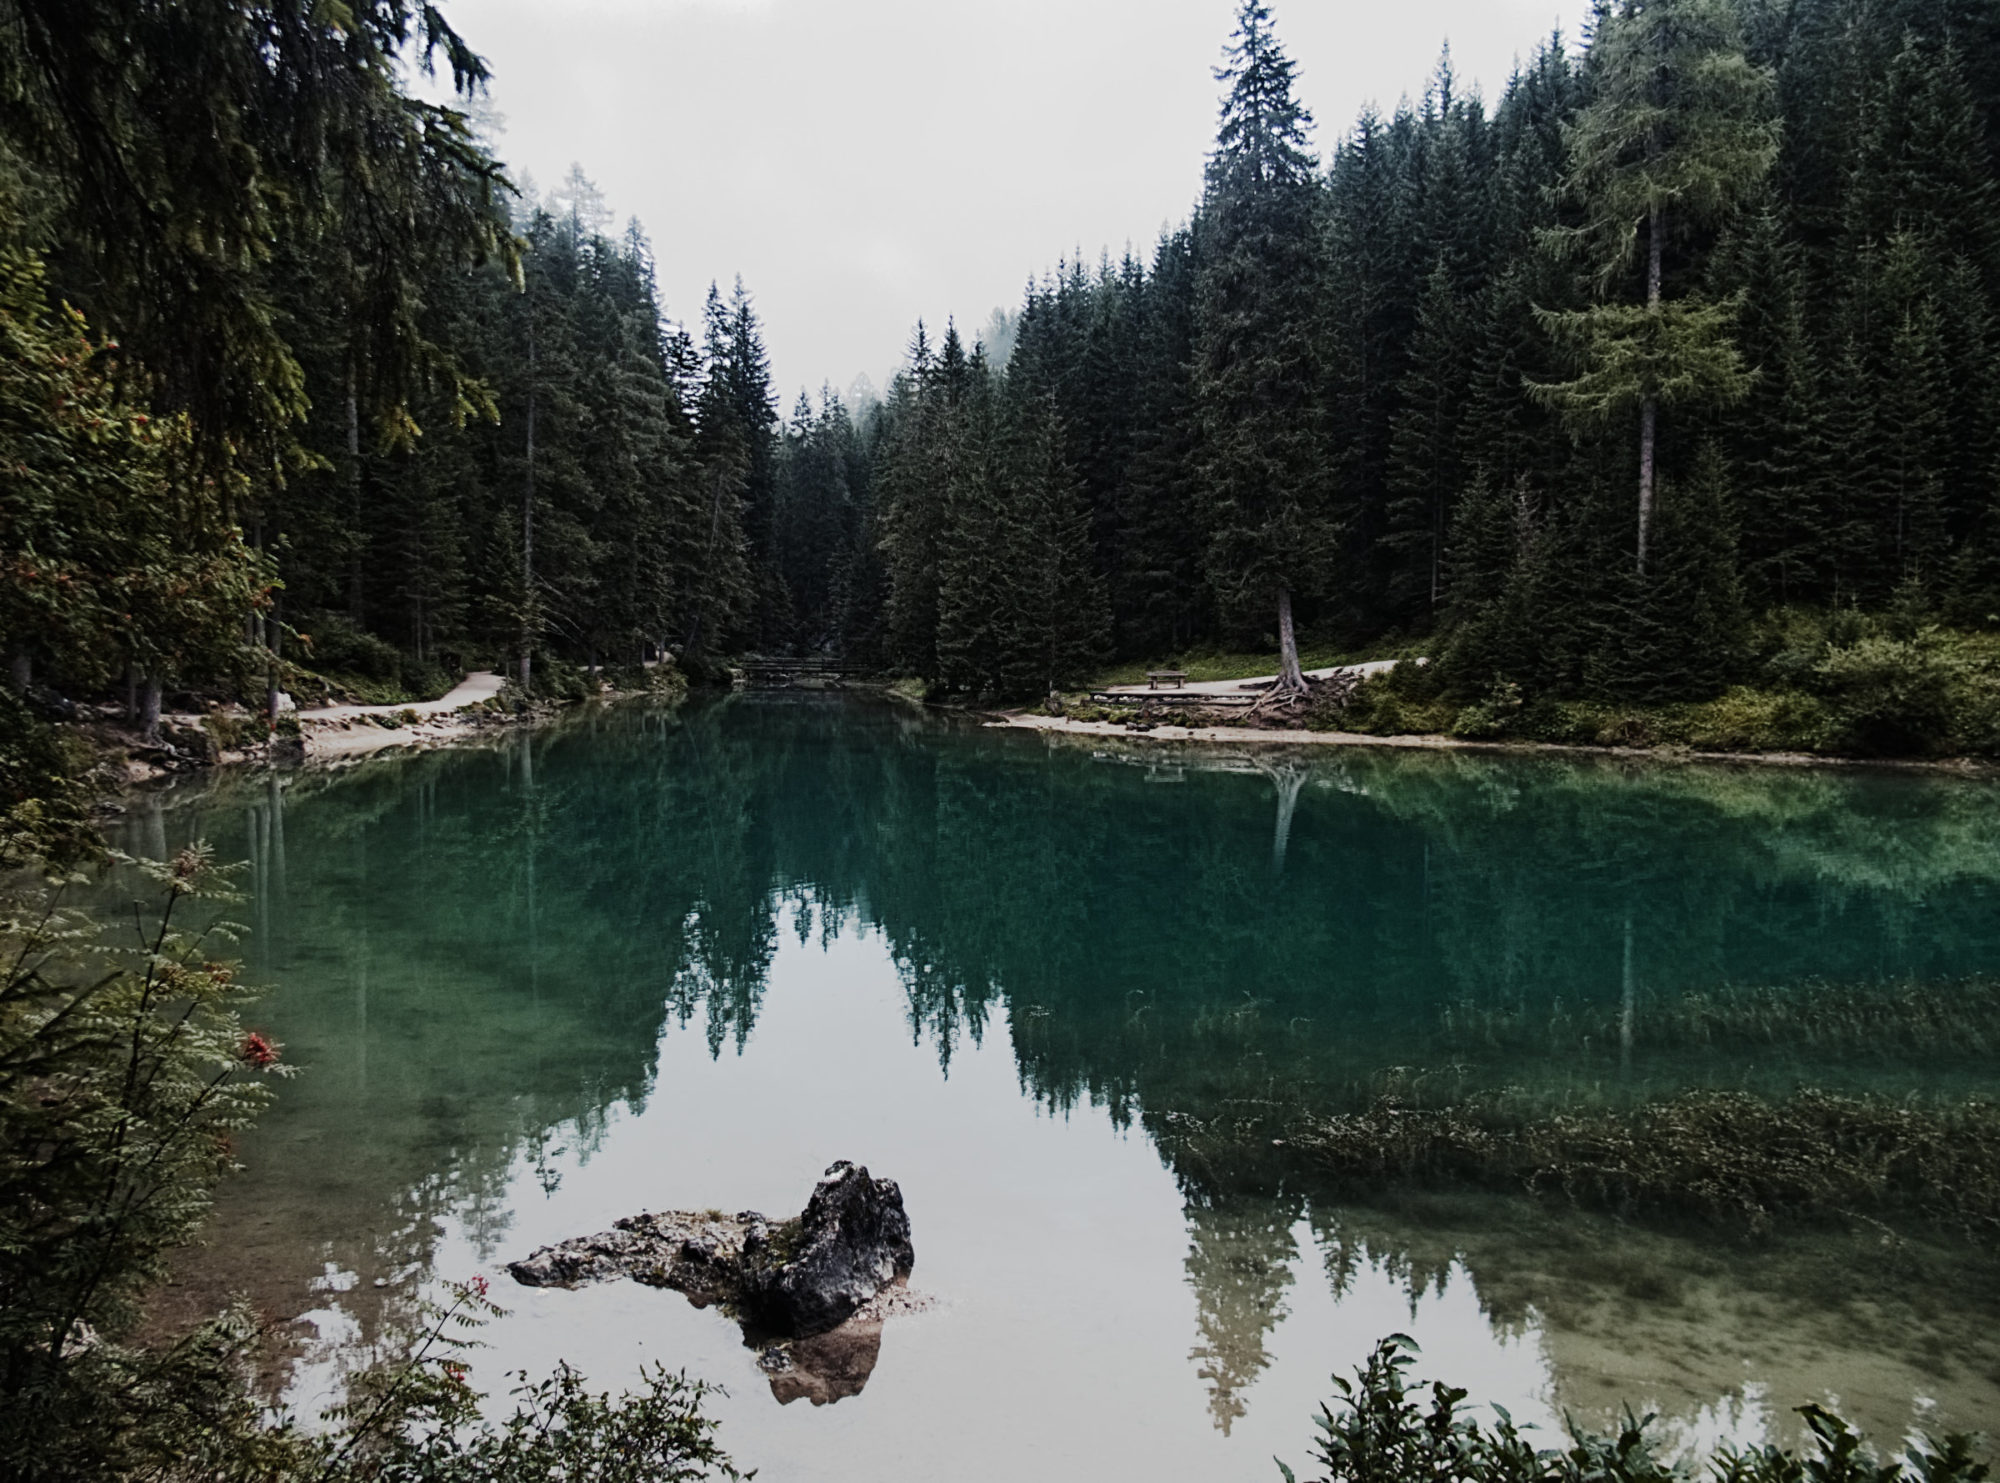 Wieder und wieder anders wirkt der Pragser Wildsee